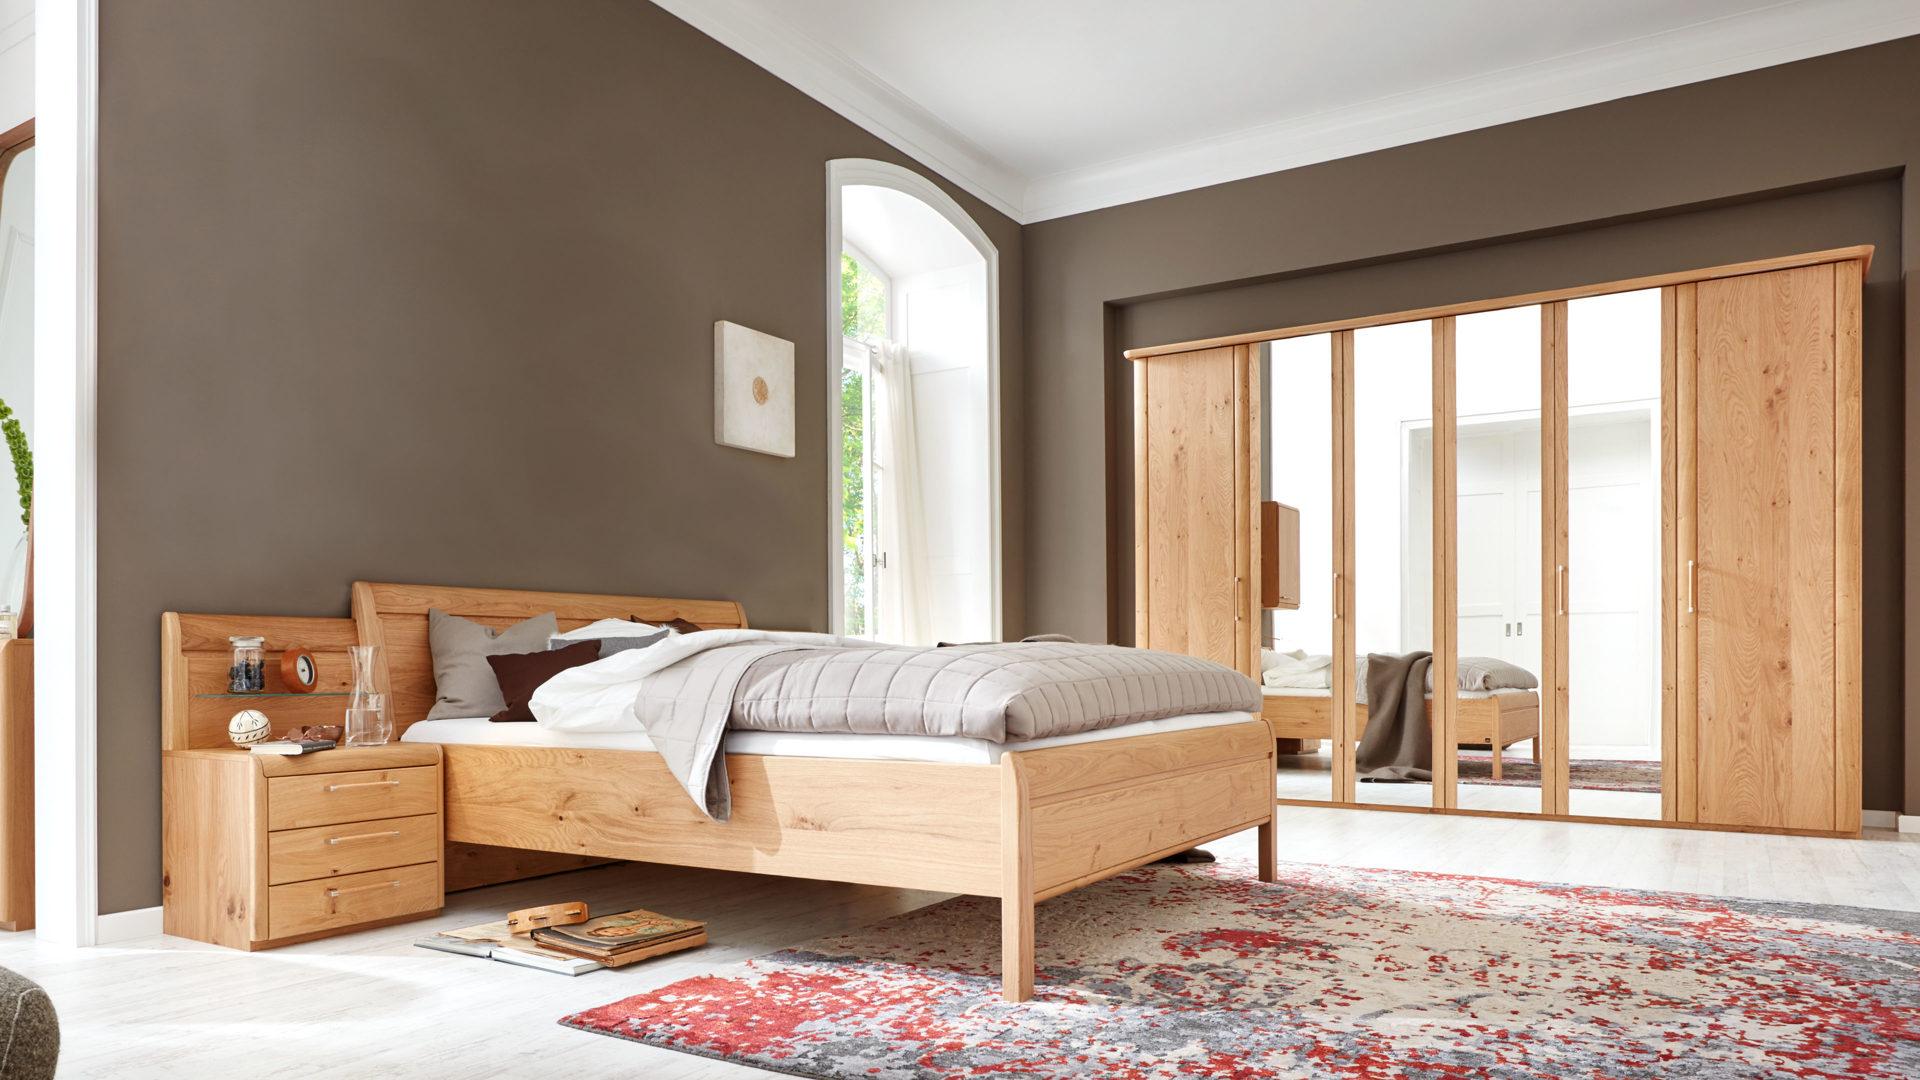 Möbel Brameyer Räume Schlafzimmer Komplettzimmer Interliving